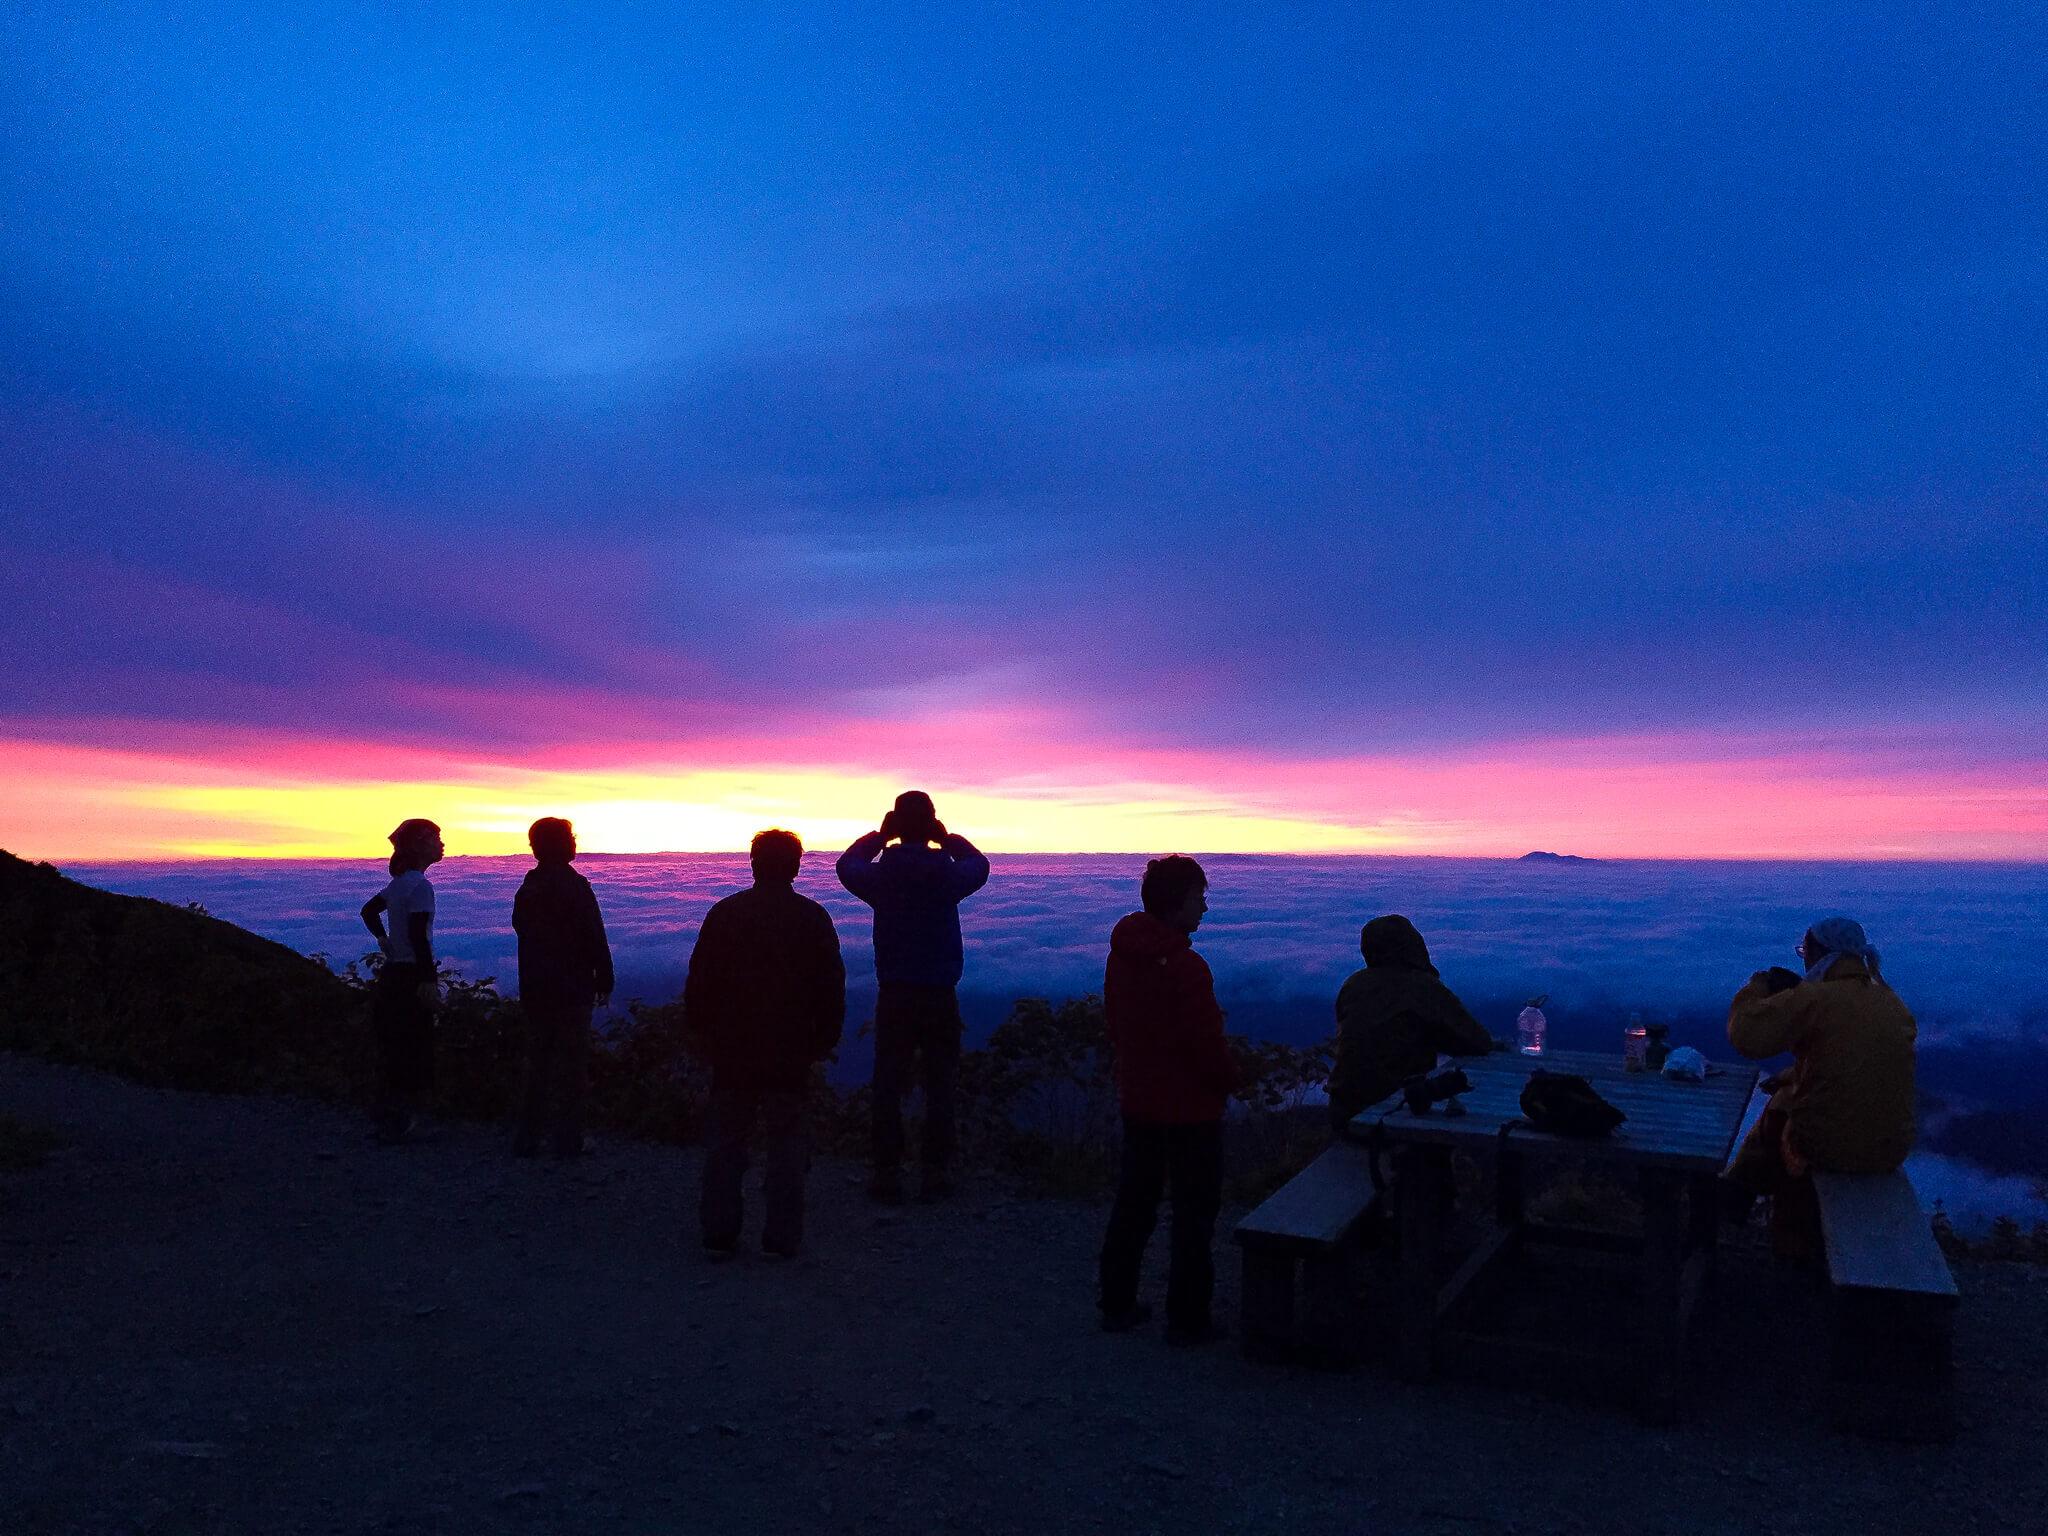 五竜岳・五竜山荘で日の出を待つ2